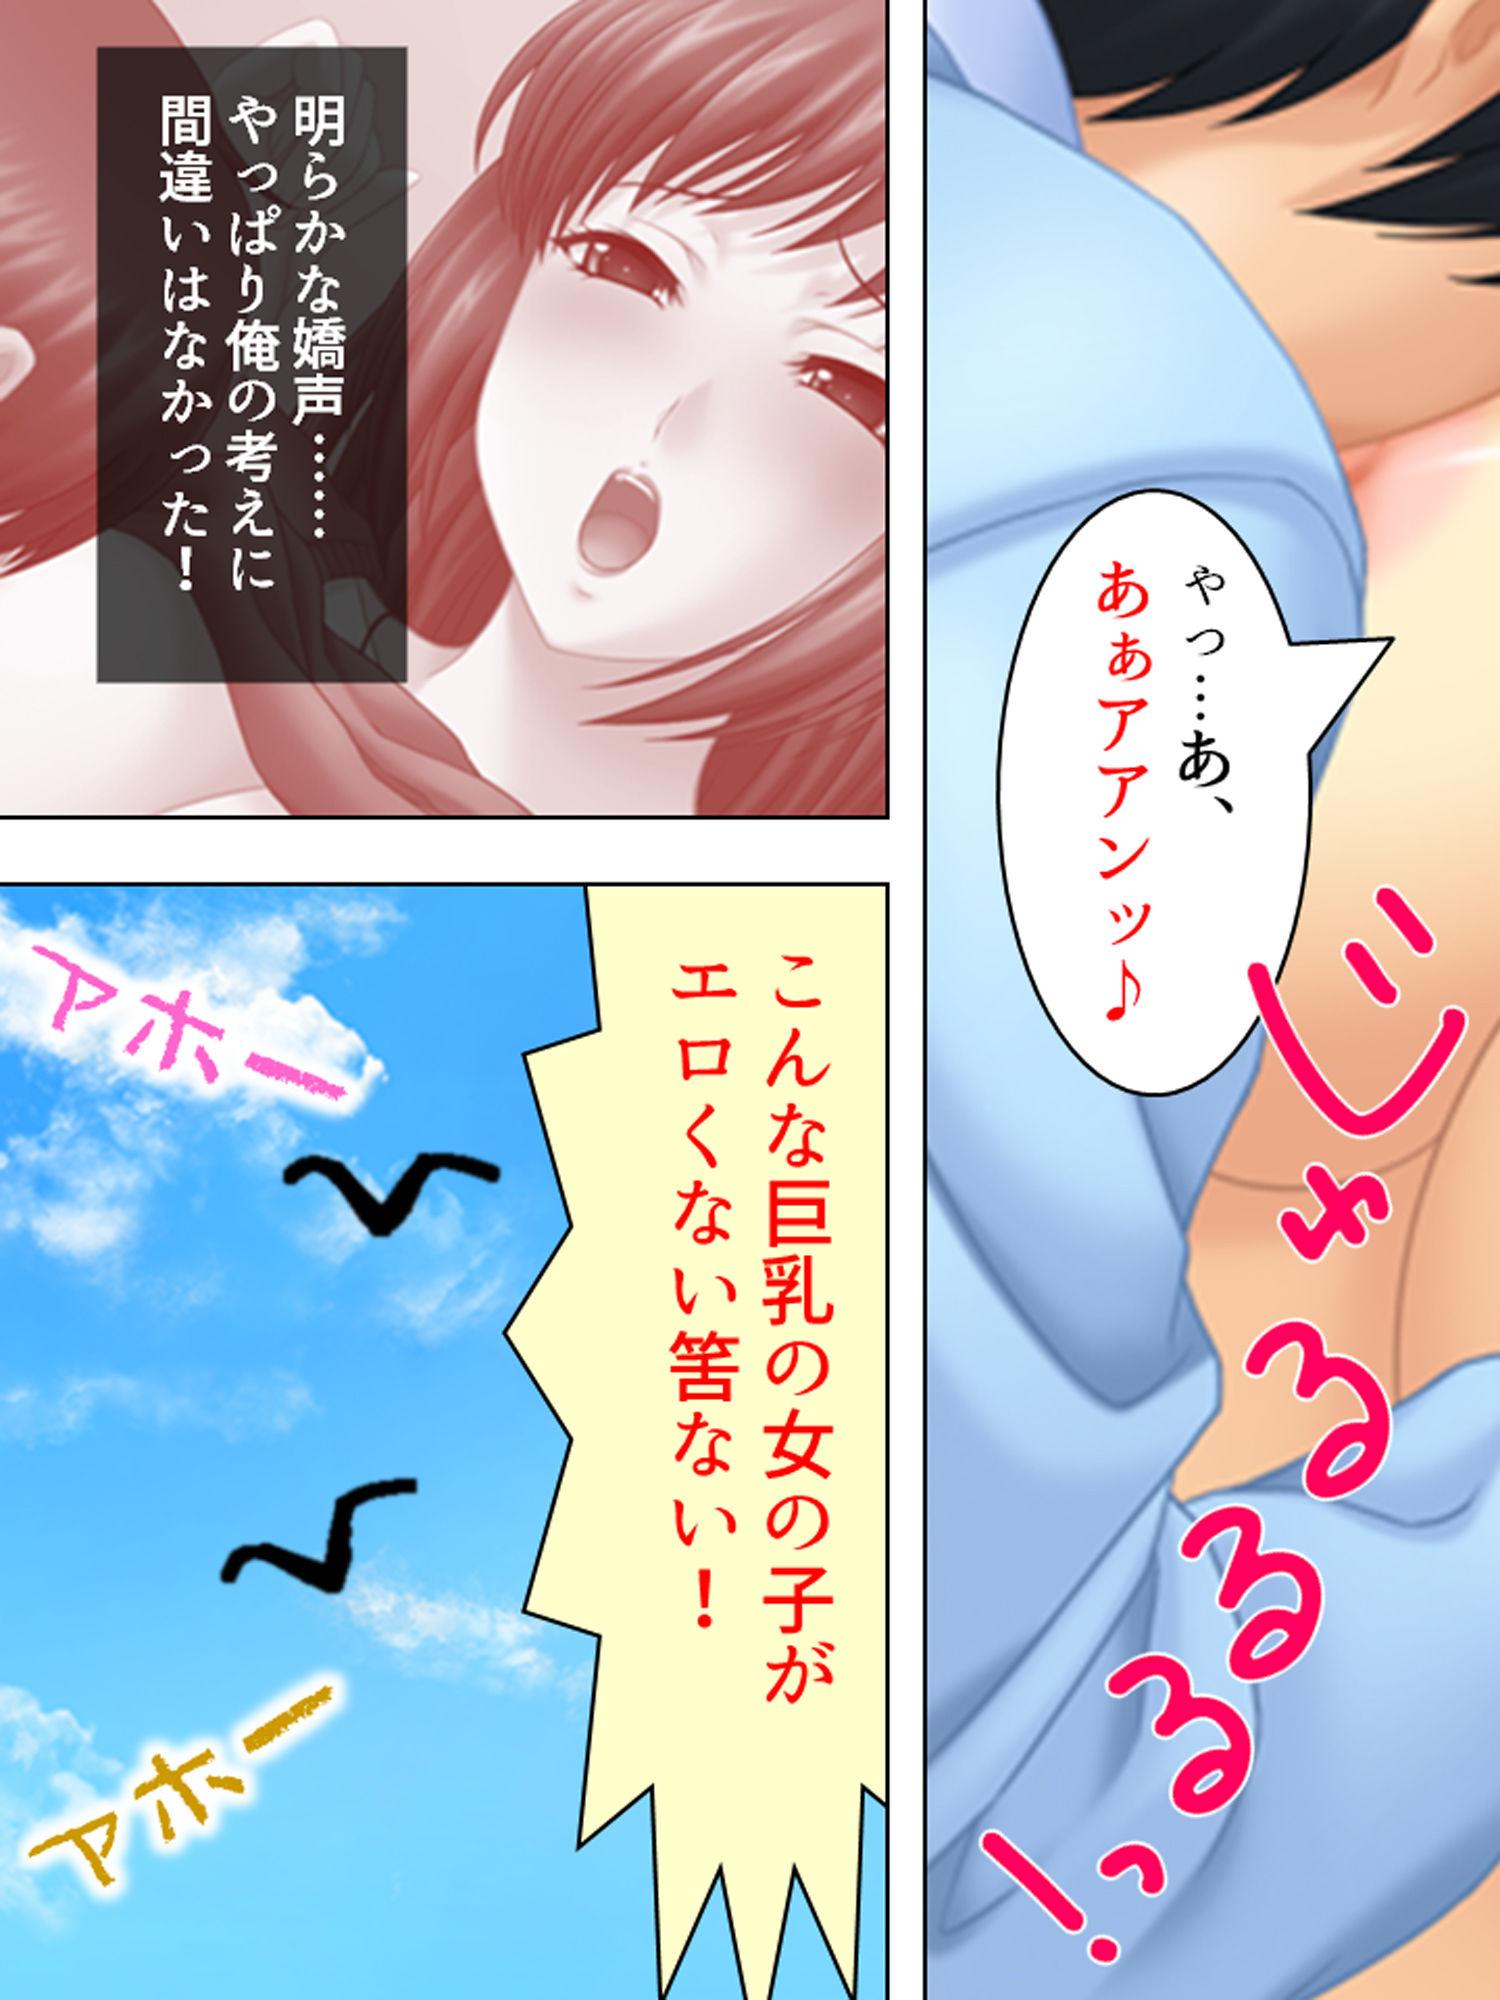 【アロマコミック 同人】巨乳はエロい!という都市伝説を確かめてみた!!上